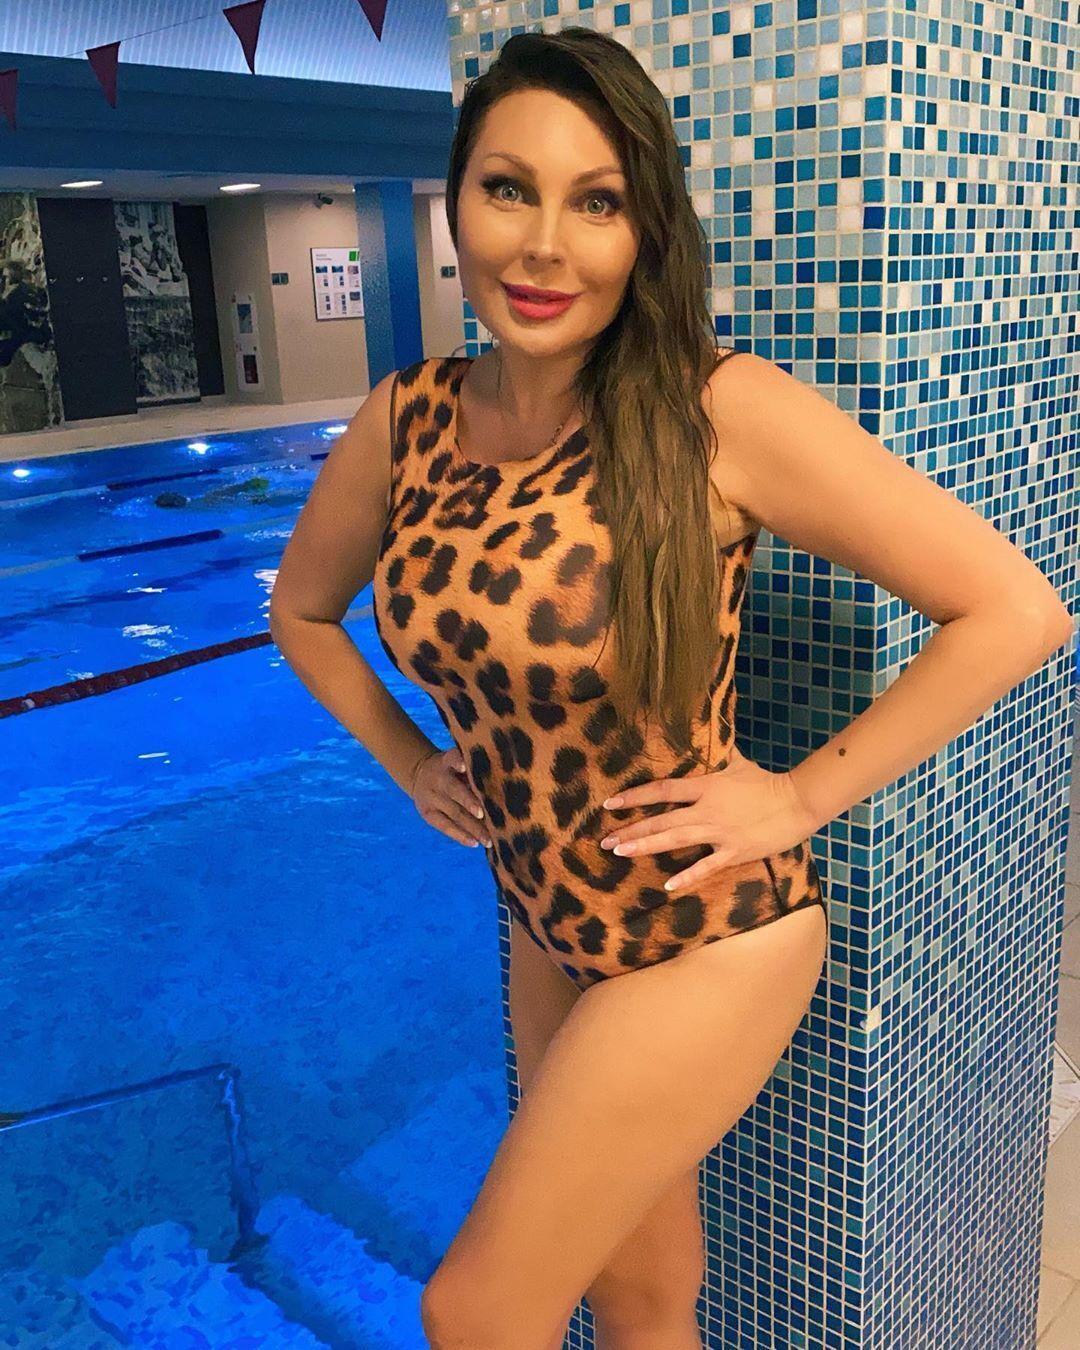 Наталя Бочкарьова у відвертому купальнику (Instagram Наталії Бочкарьової)